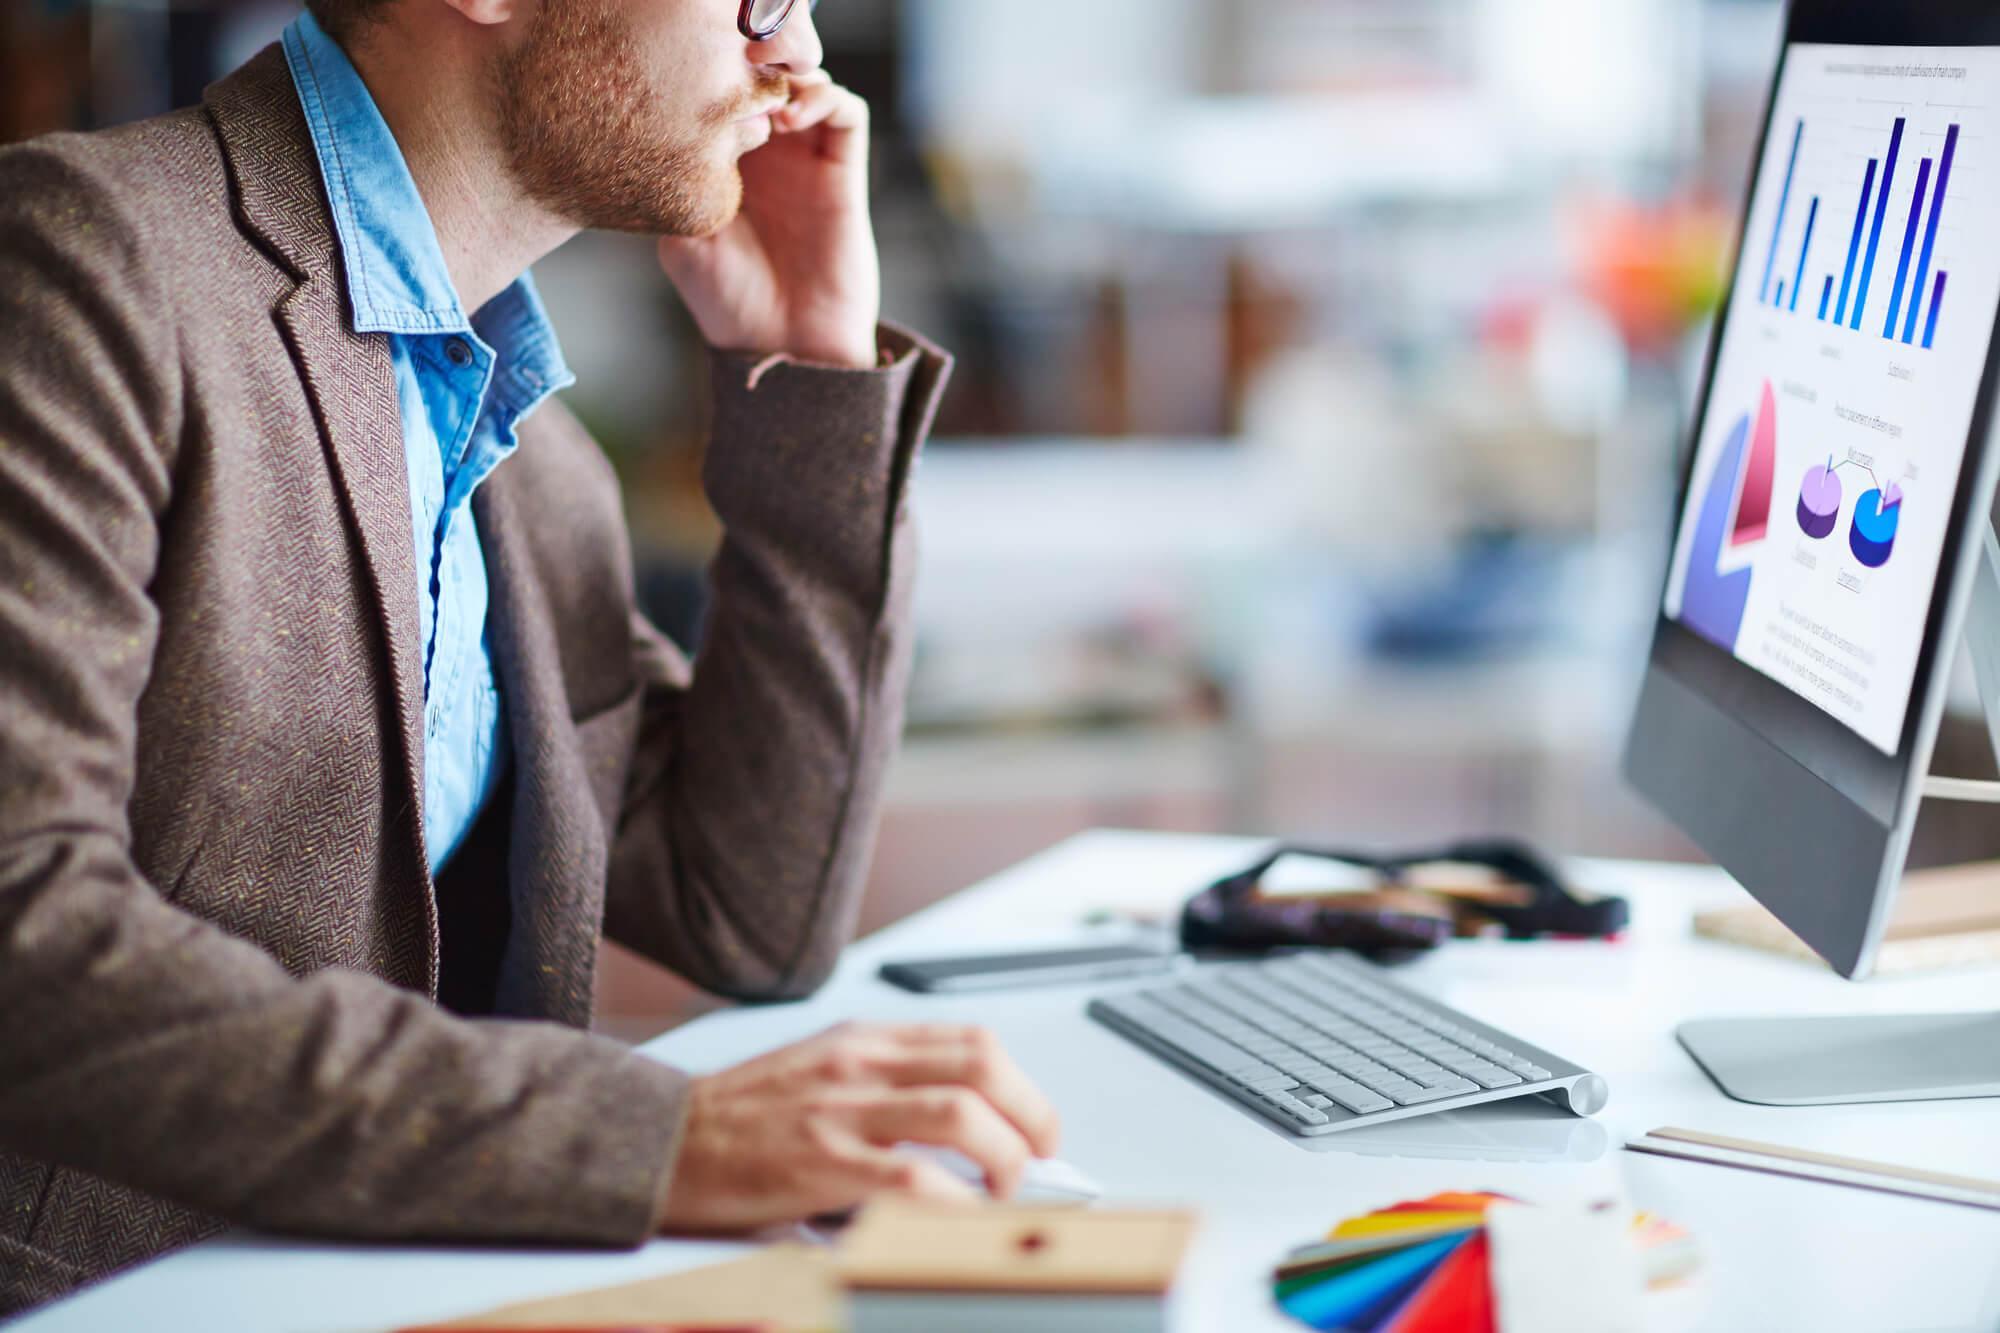 Descubra os principais aspectos da tecnologia na contabilidade